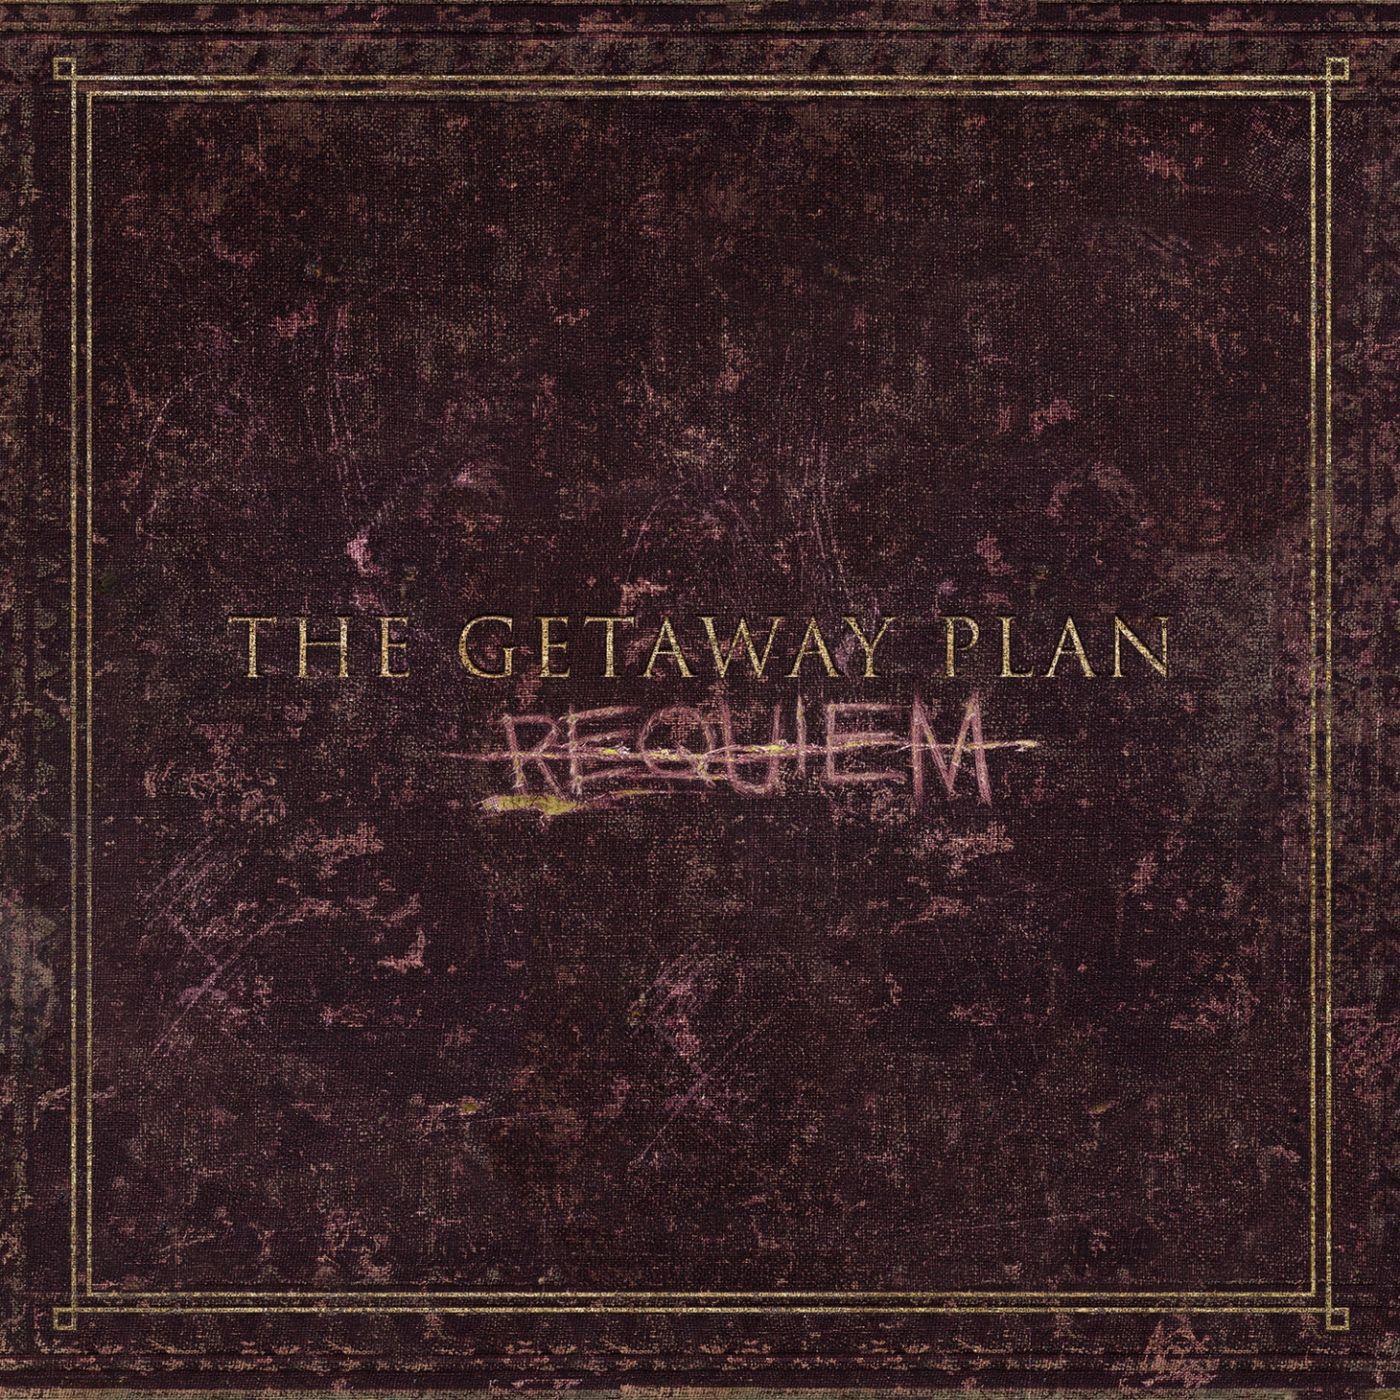 The Getaway Plan - Requiem (2011)